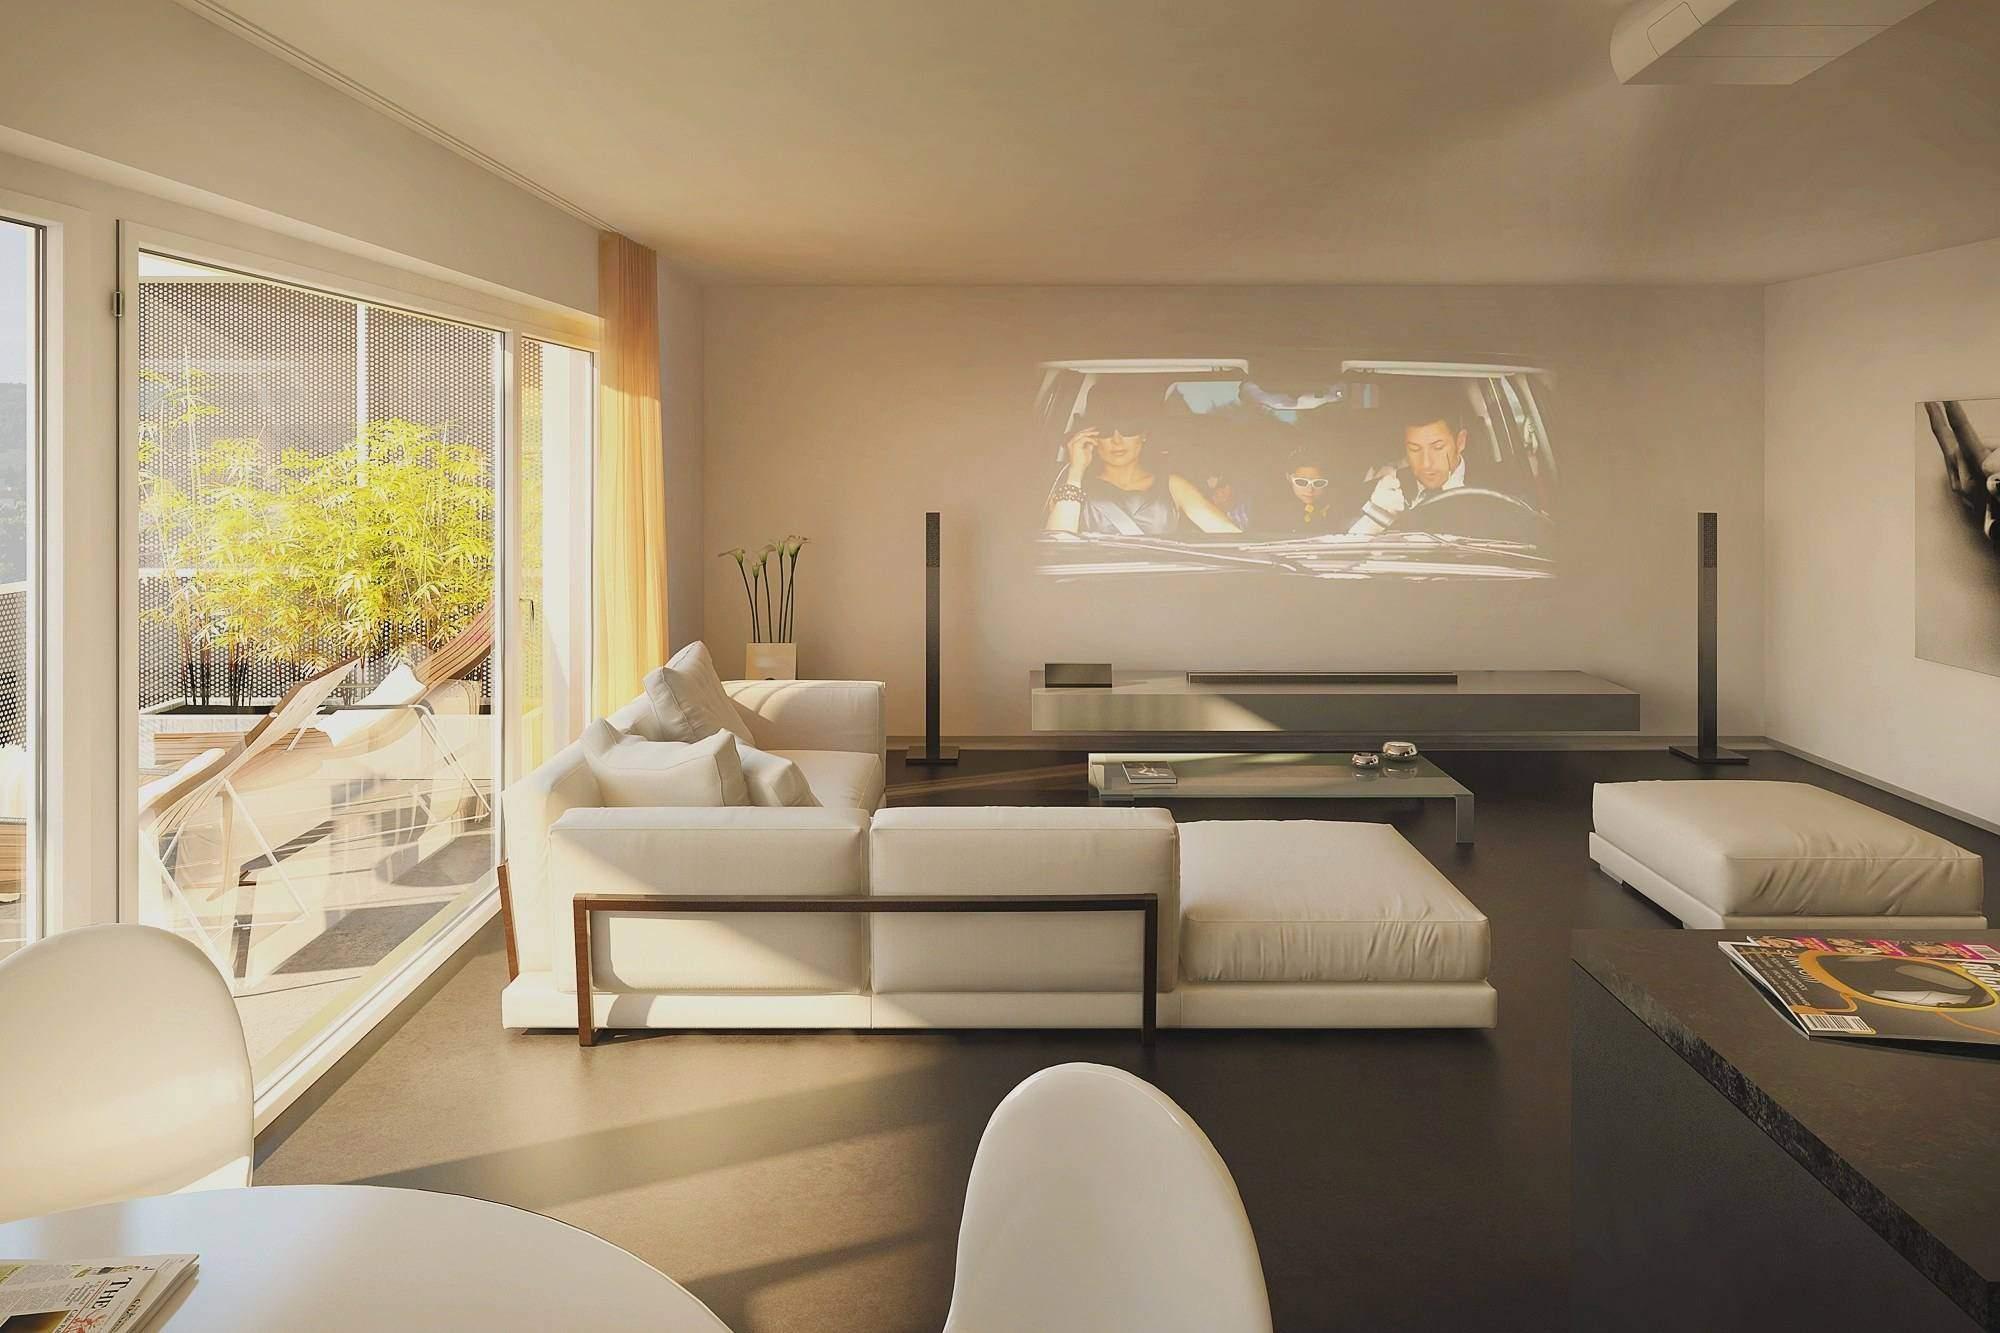 Full Size of Höffner Küchen Wohnzimmer Dunkler Boden Luxus Dunkle Mbel Big Sofa Regal Wohnzimmer Höffner Küchen